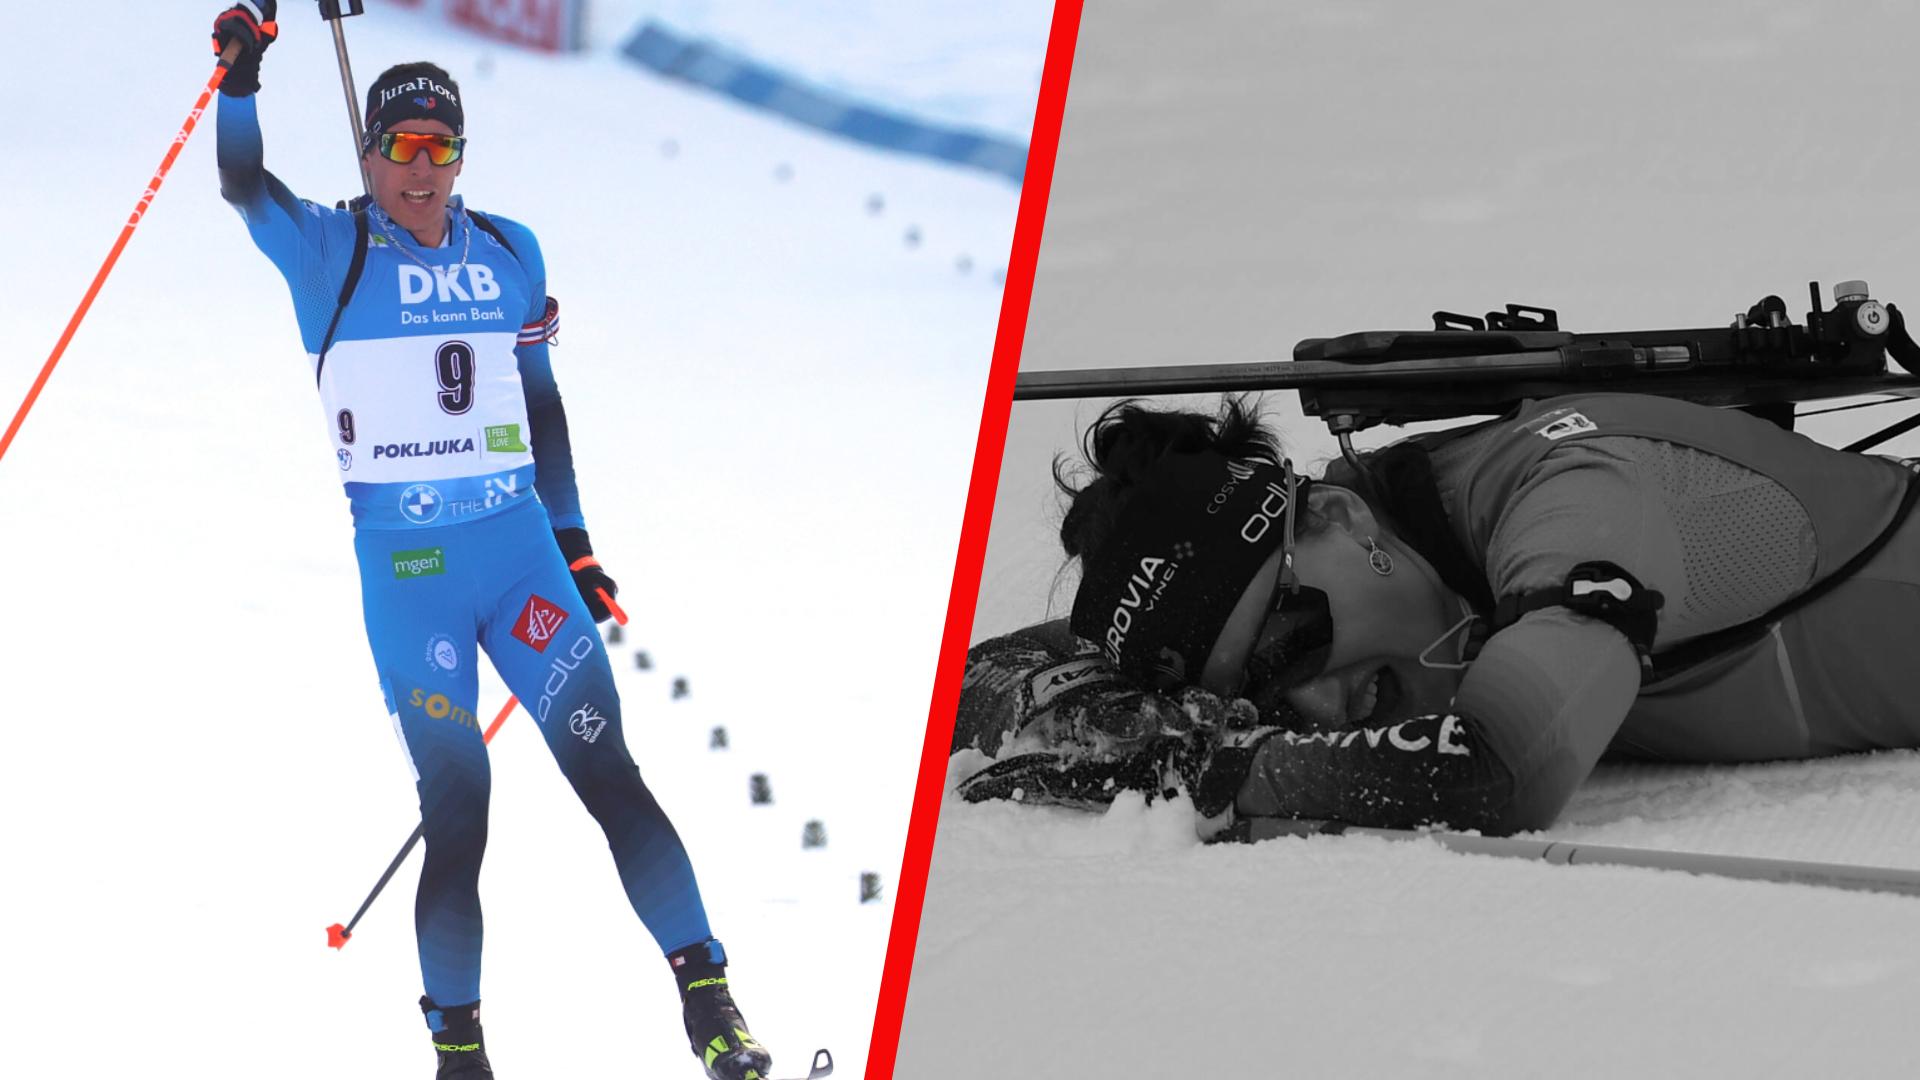 Sports d'hiver - Mondiaux de biathlon : Mention bien mais aurait pu mieux faire pour la France